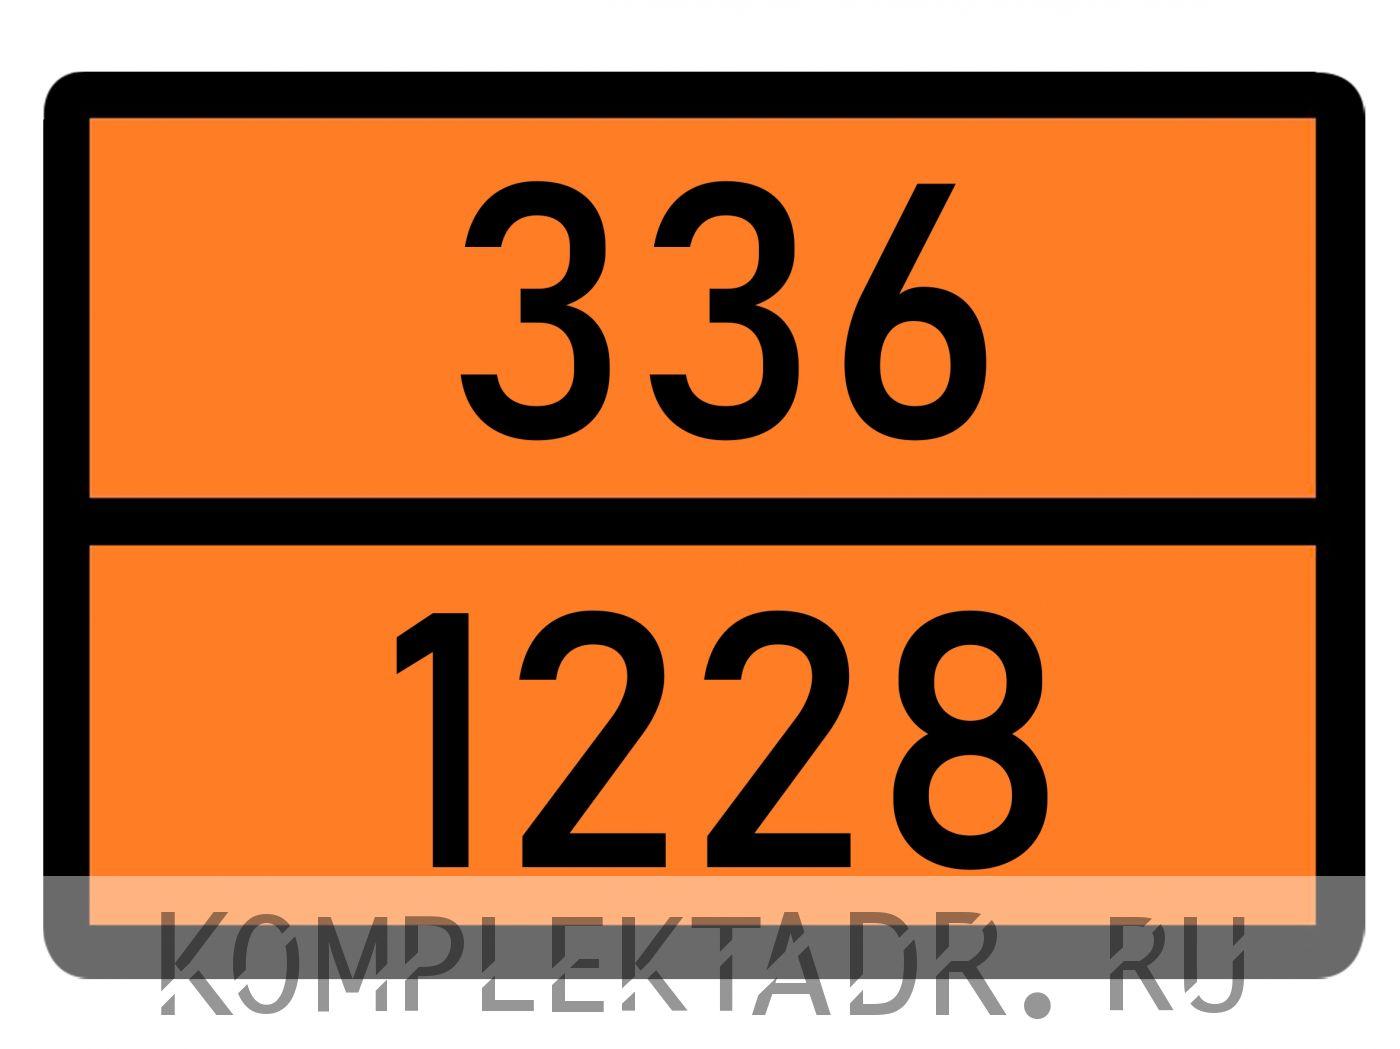 Табличка 336-1228